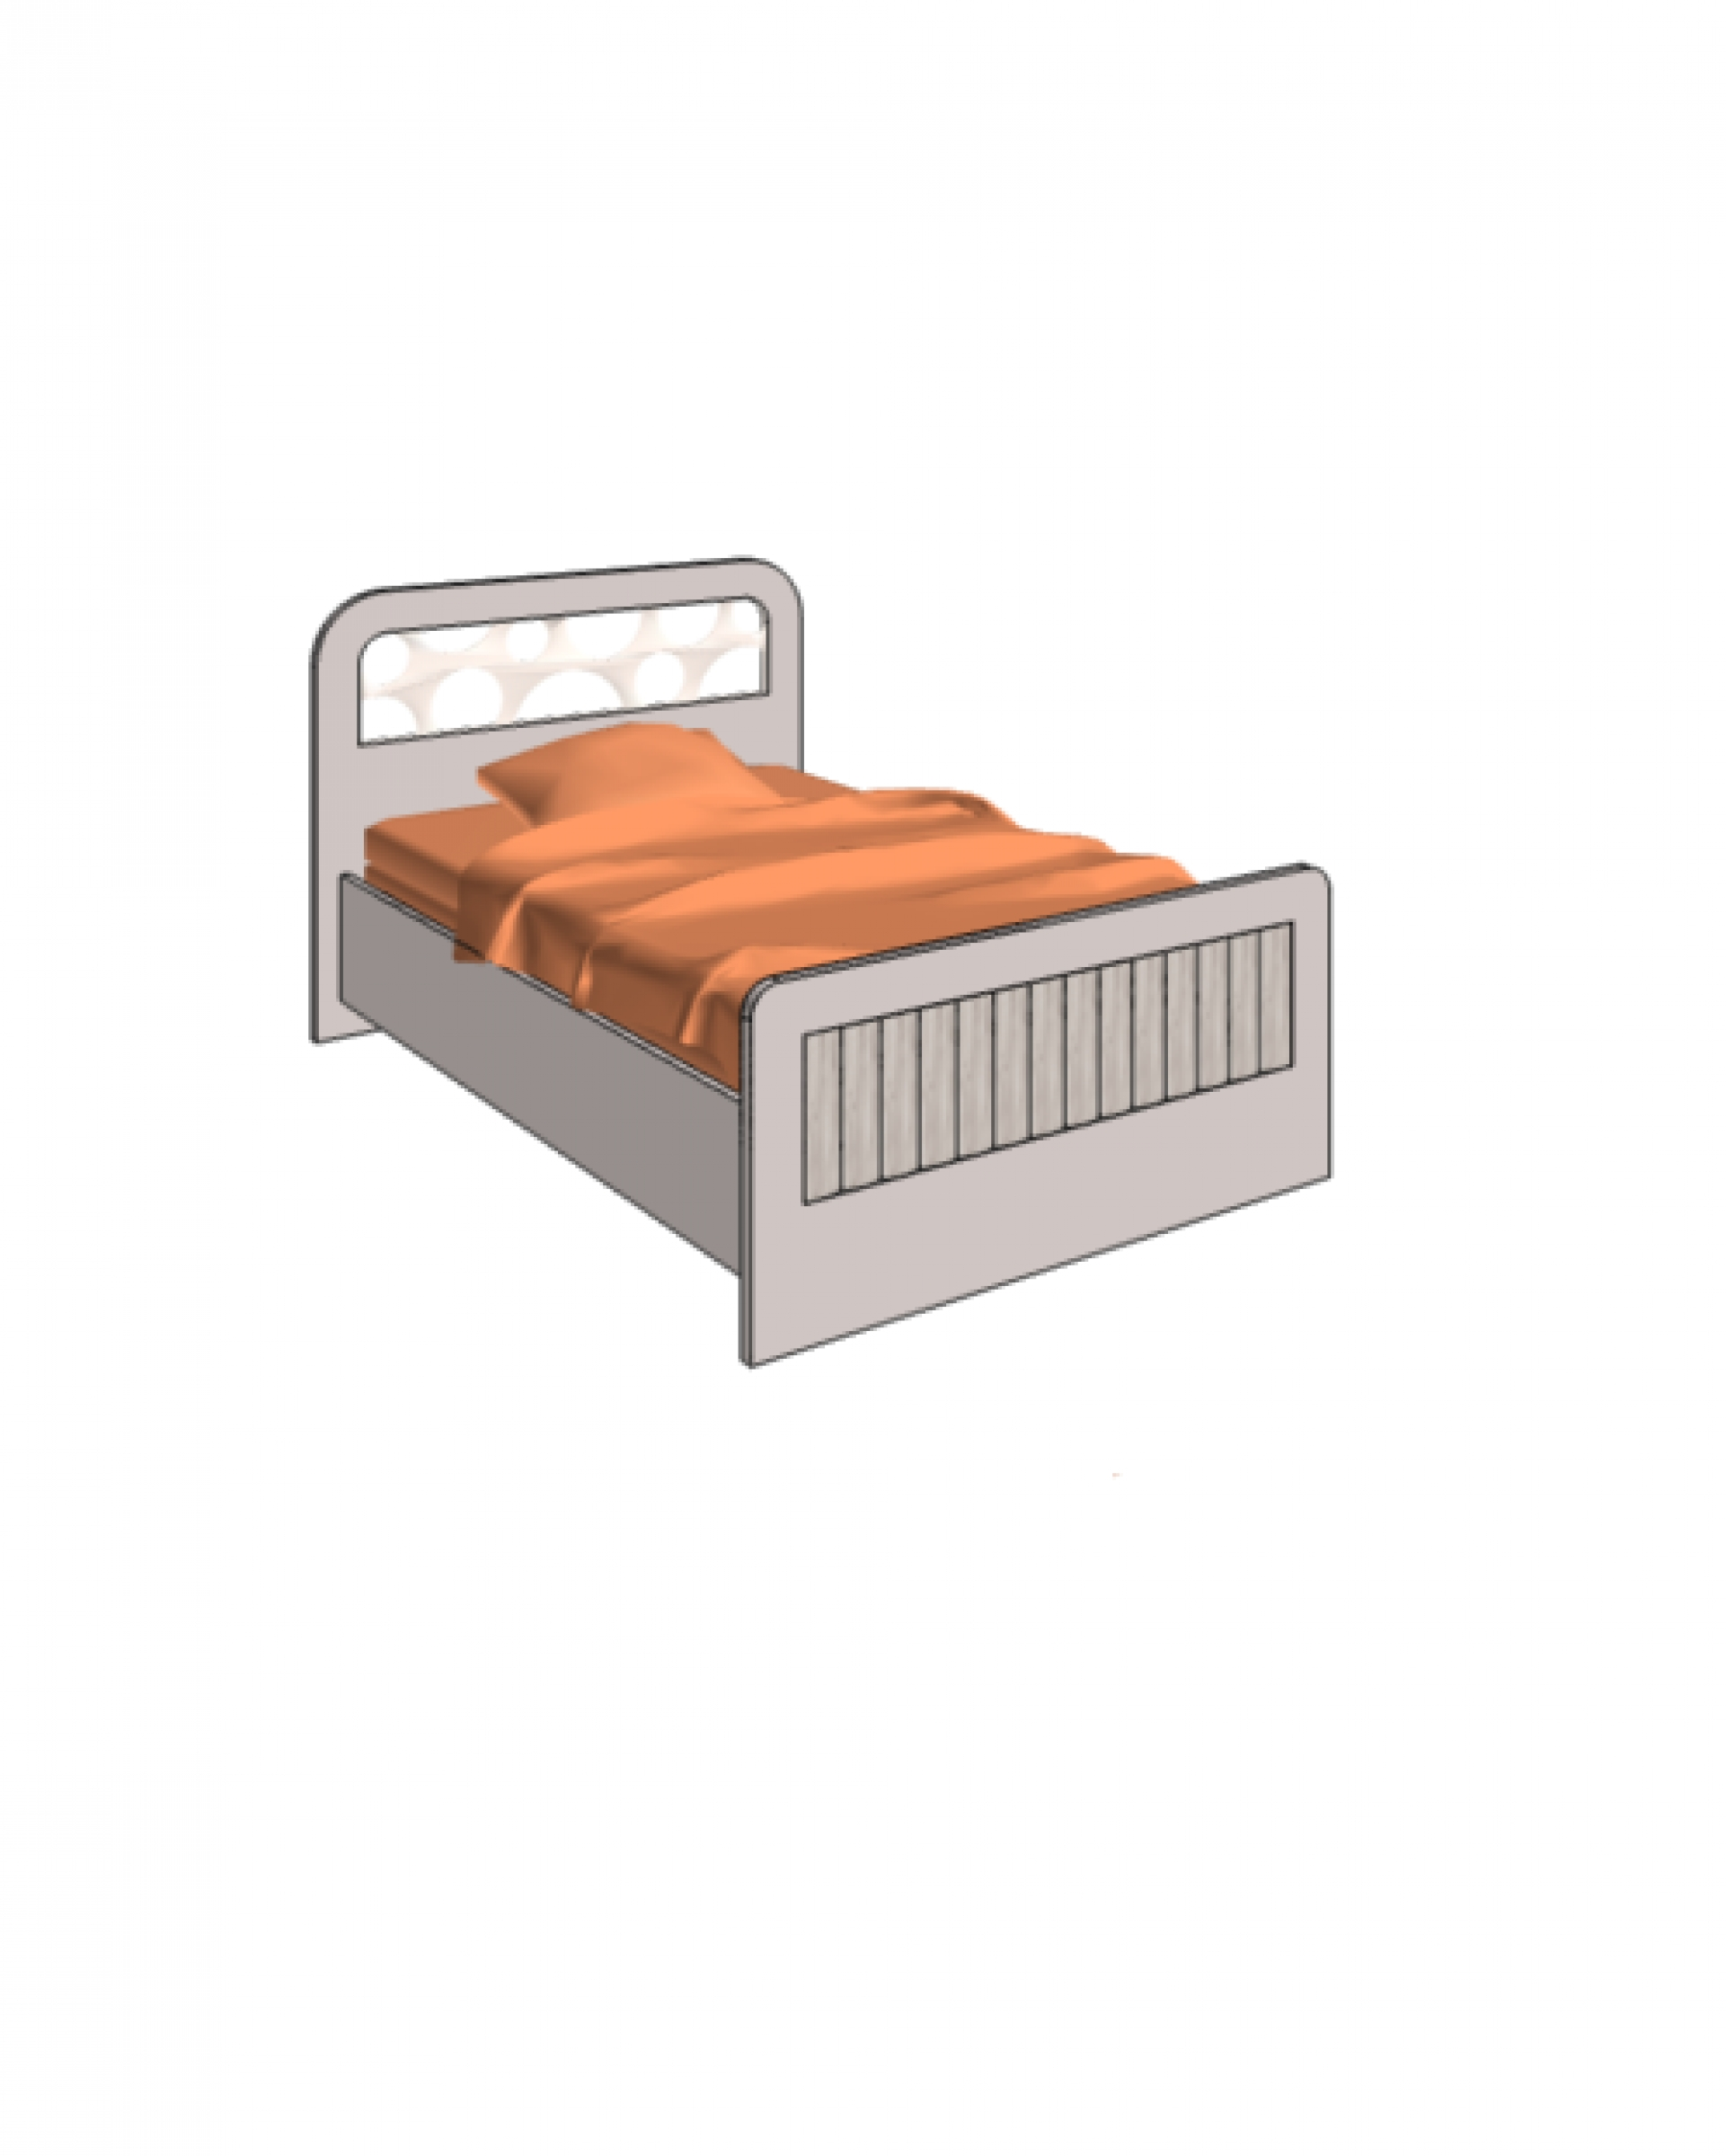 Klюkva кровать отдельностоящая, простая. арт: VB1_12